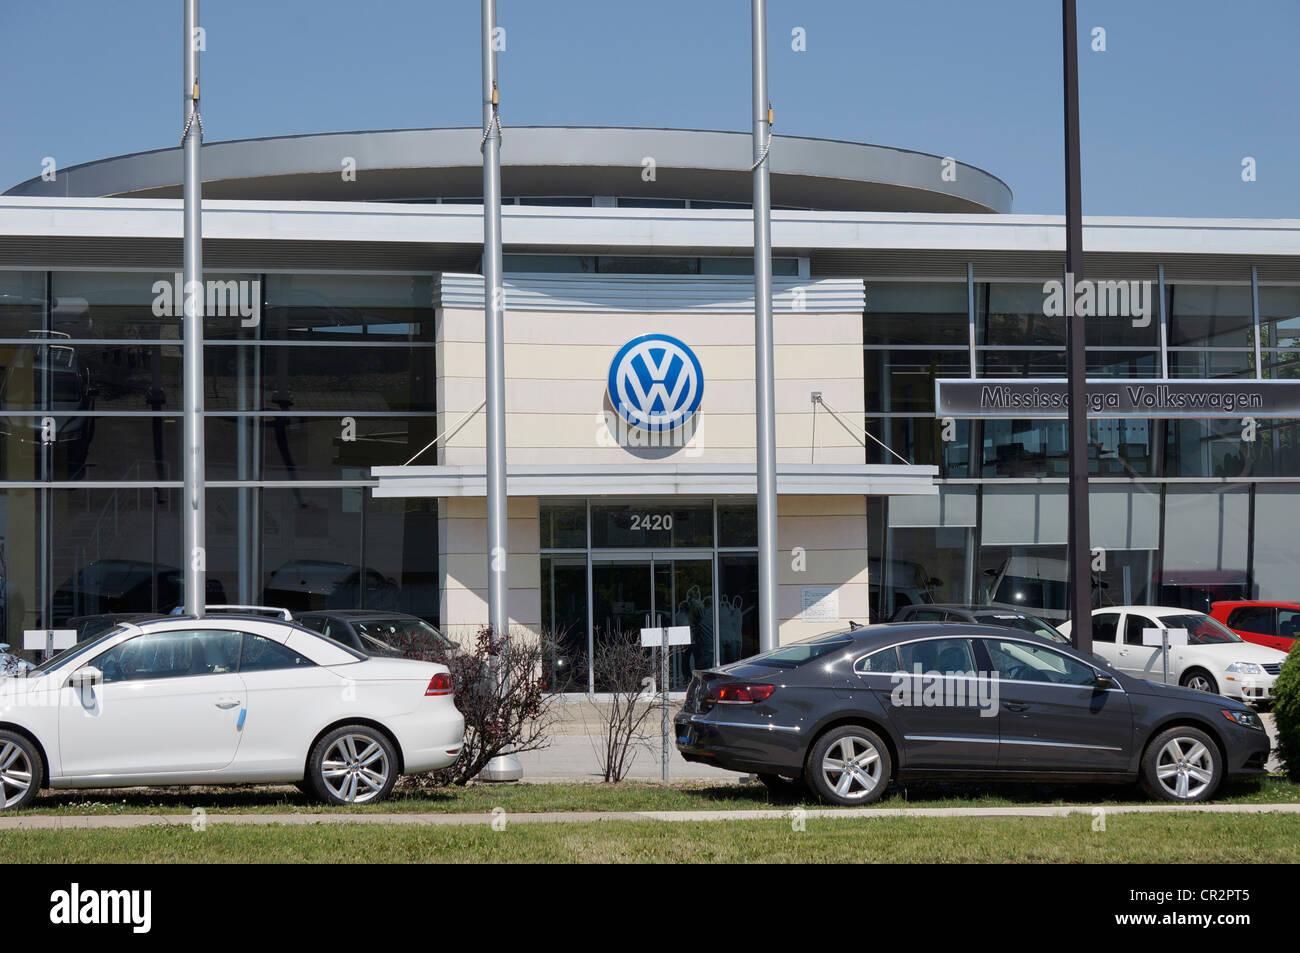 Entrée de l'affaire Volkswagen Photo Stock